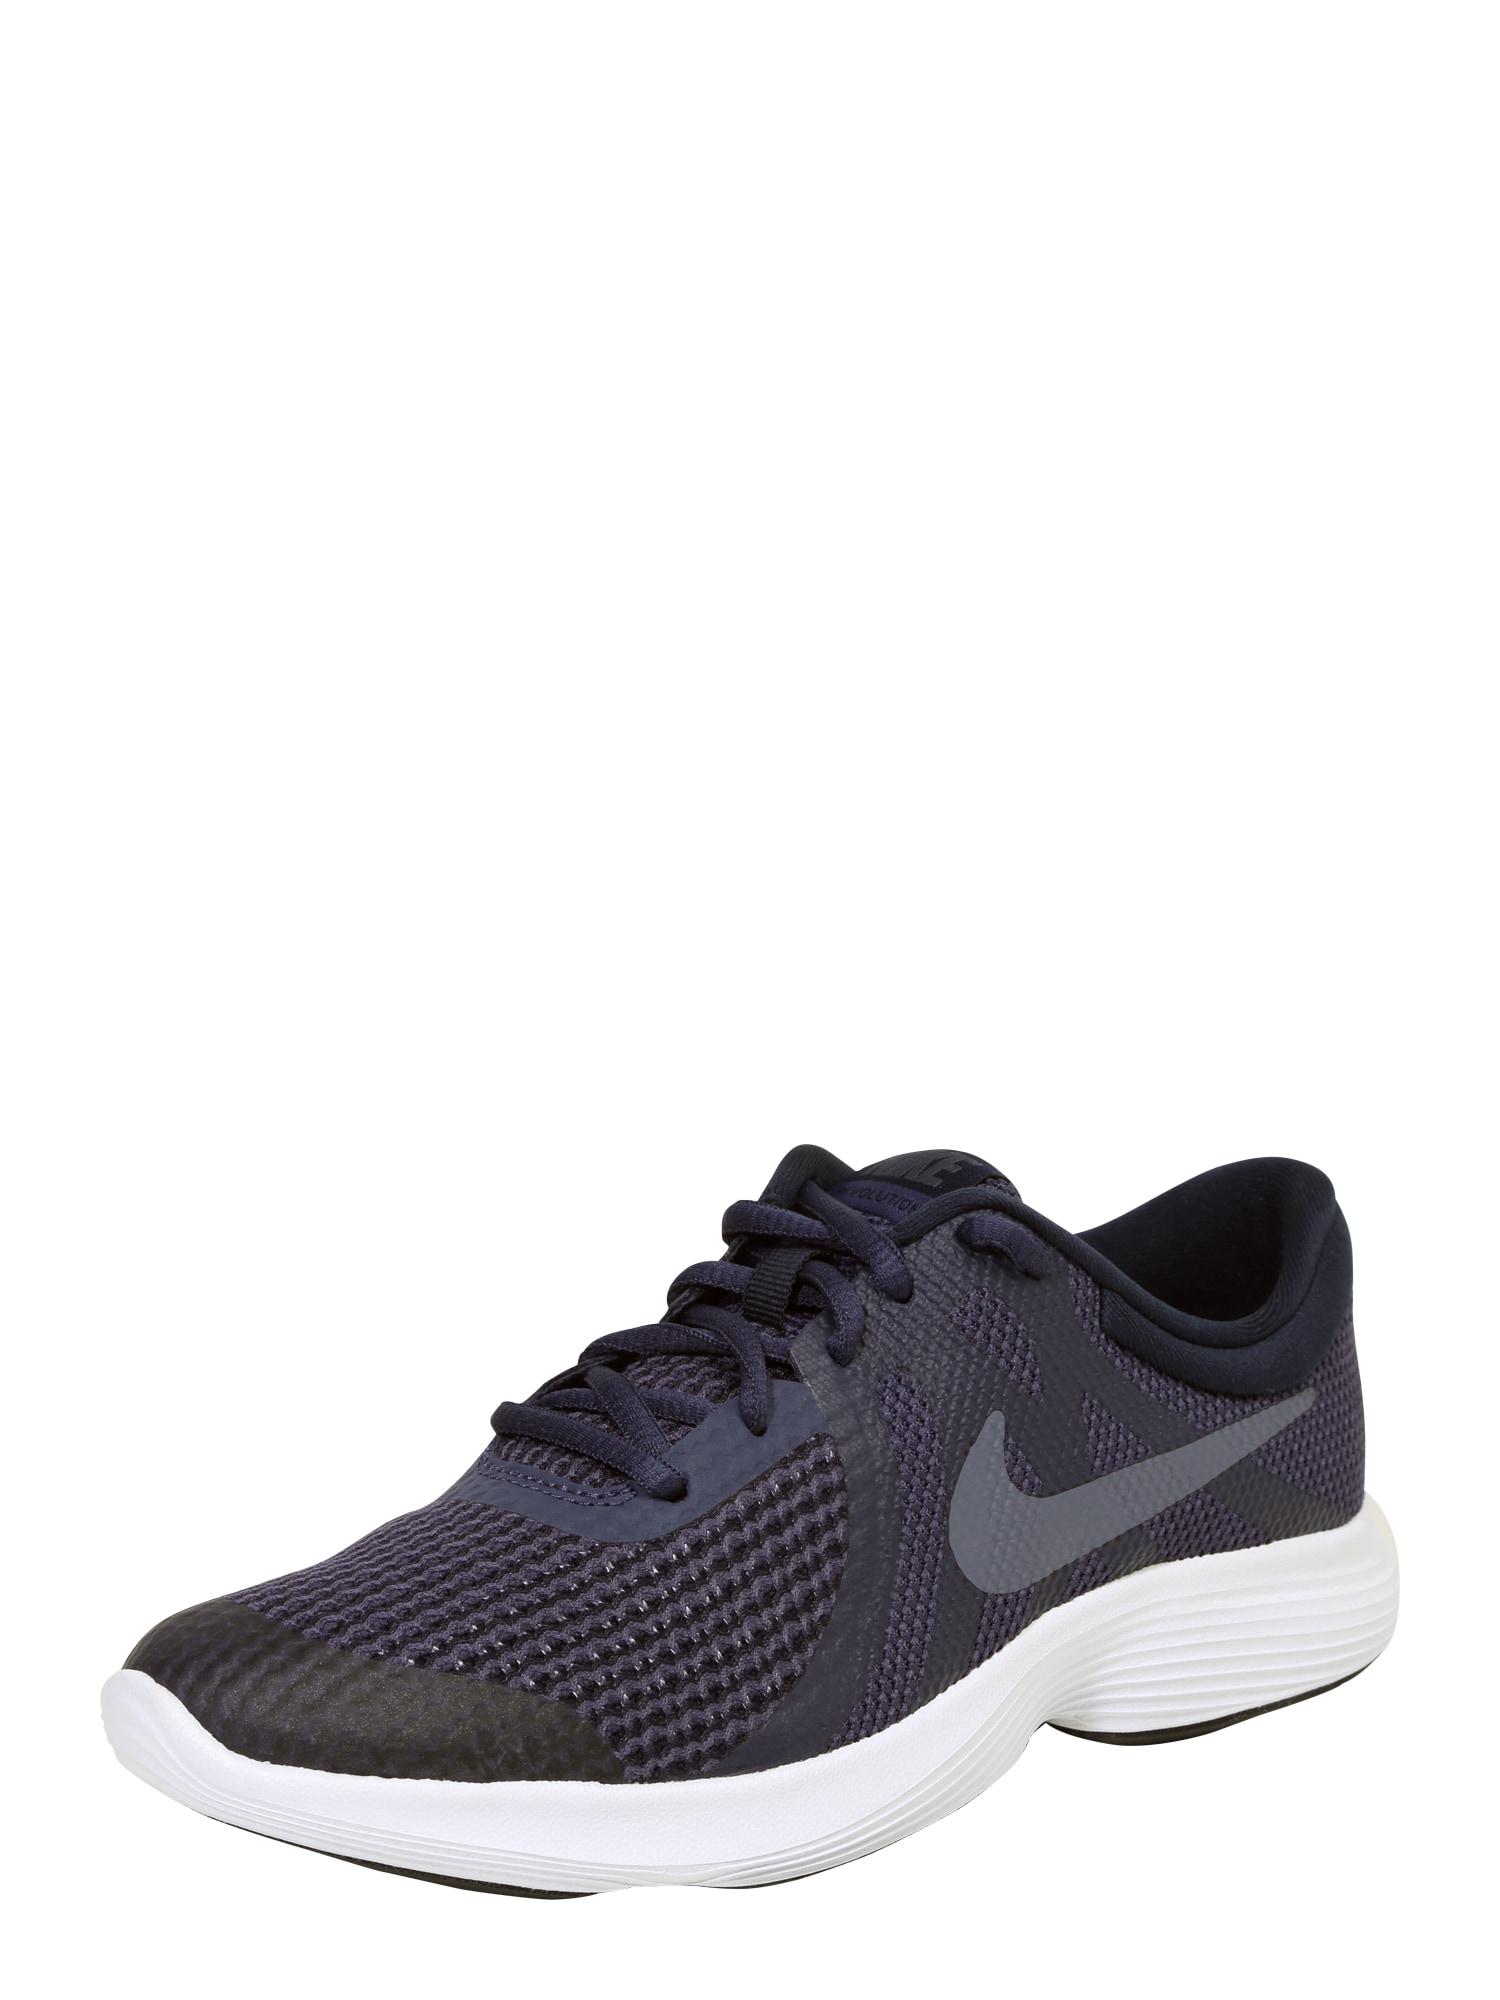 Sportovní boty Revolution 4 (GS) modrá NIKE